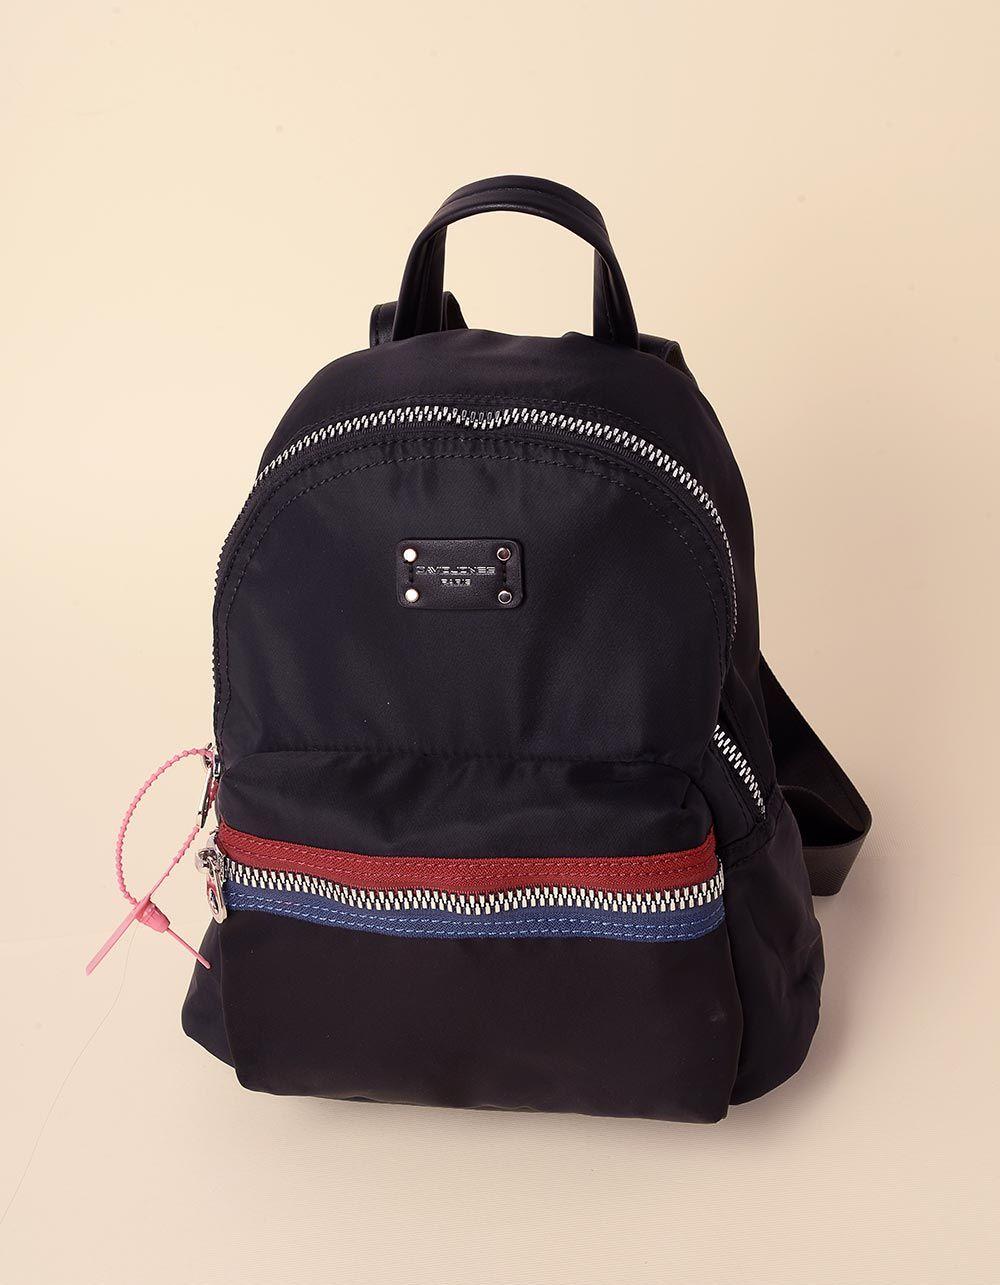 Рюкзак для міста зі смужками на кишені | 237483-02-XX